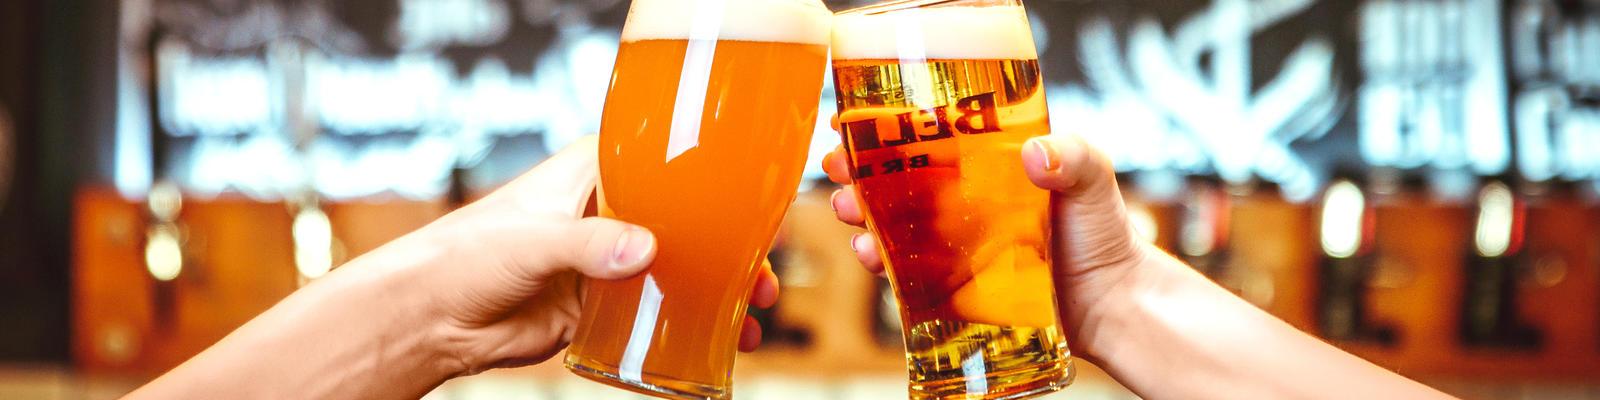 Craft Beer Celebration (Photo: qwasder1987/Shutterstock)